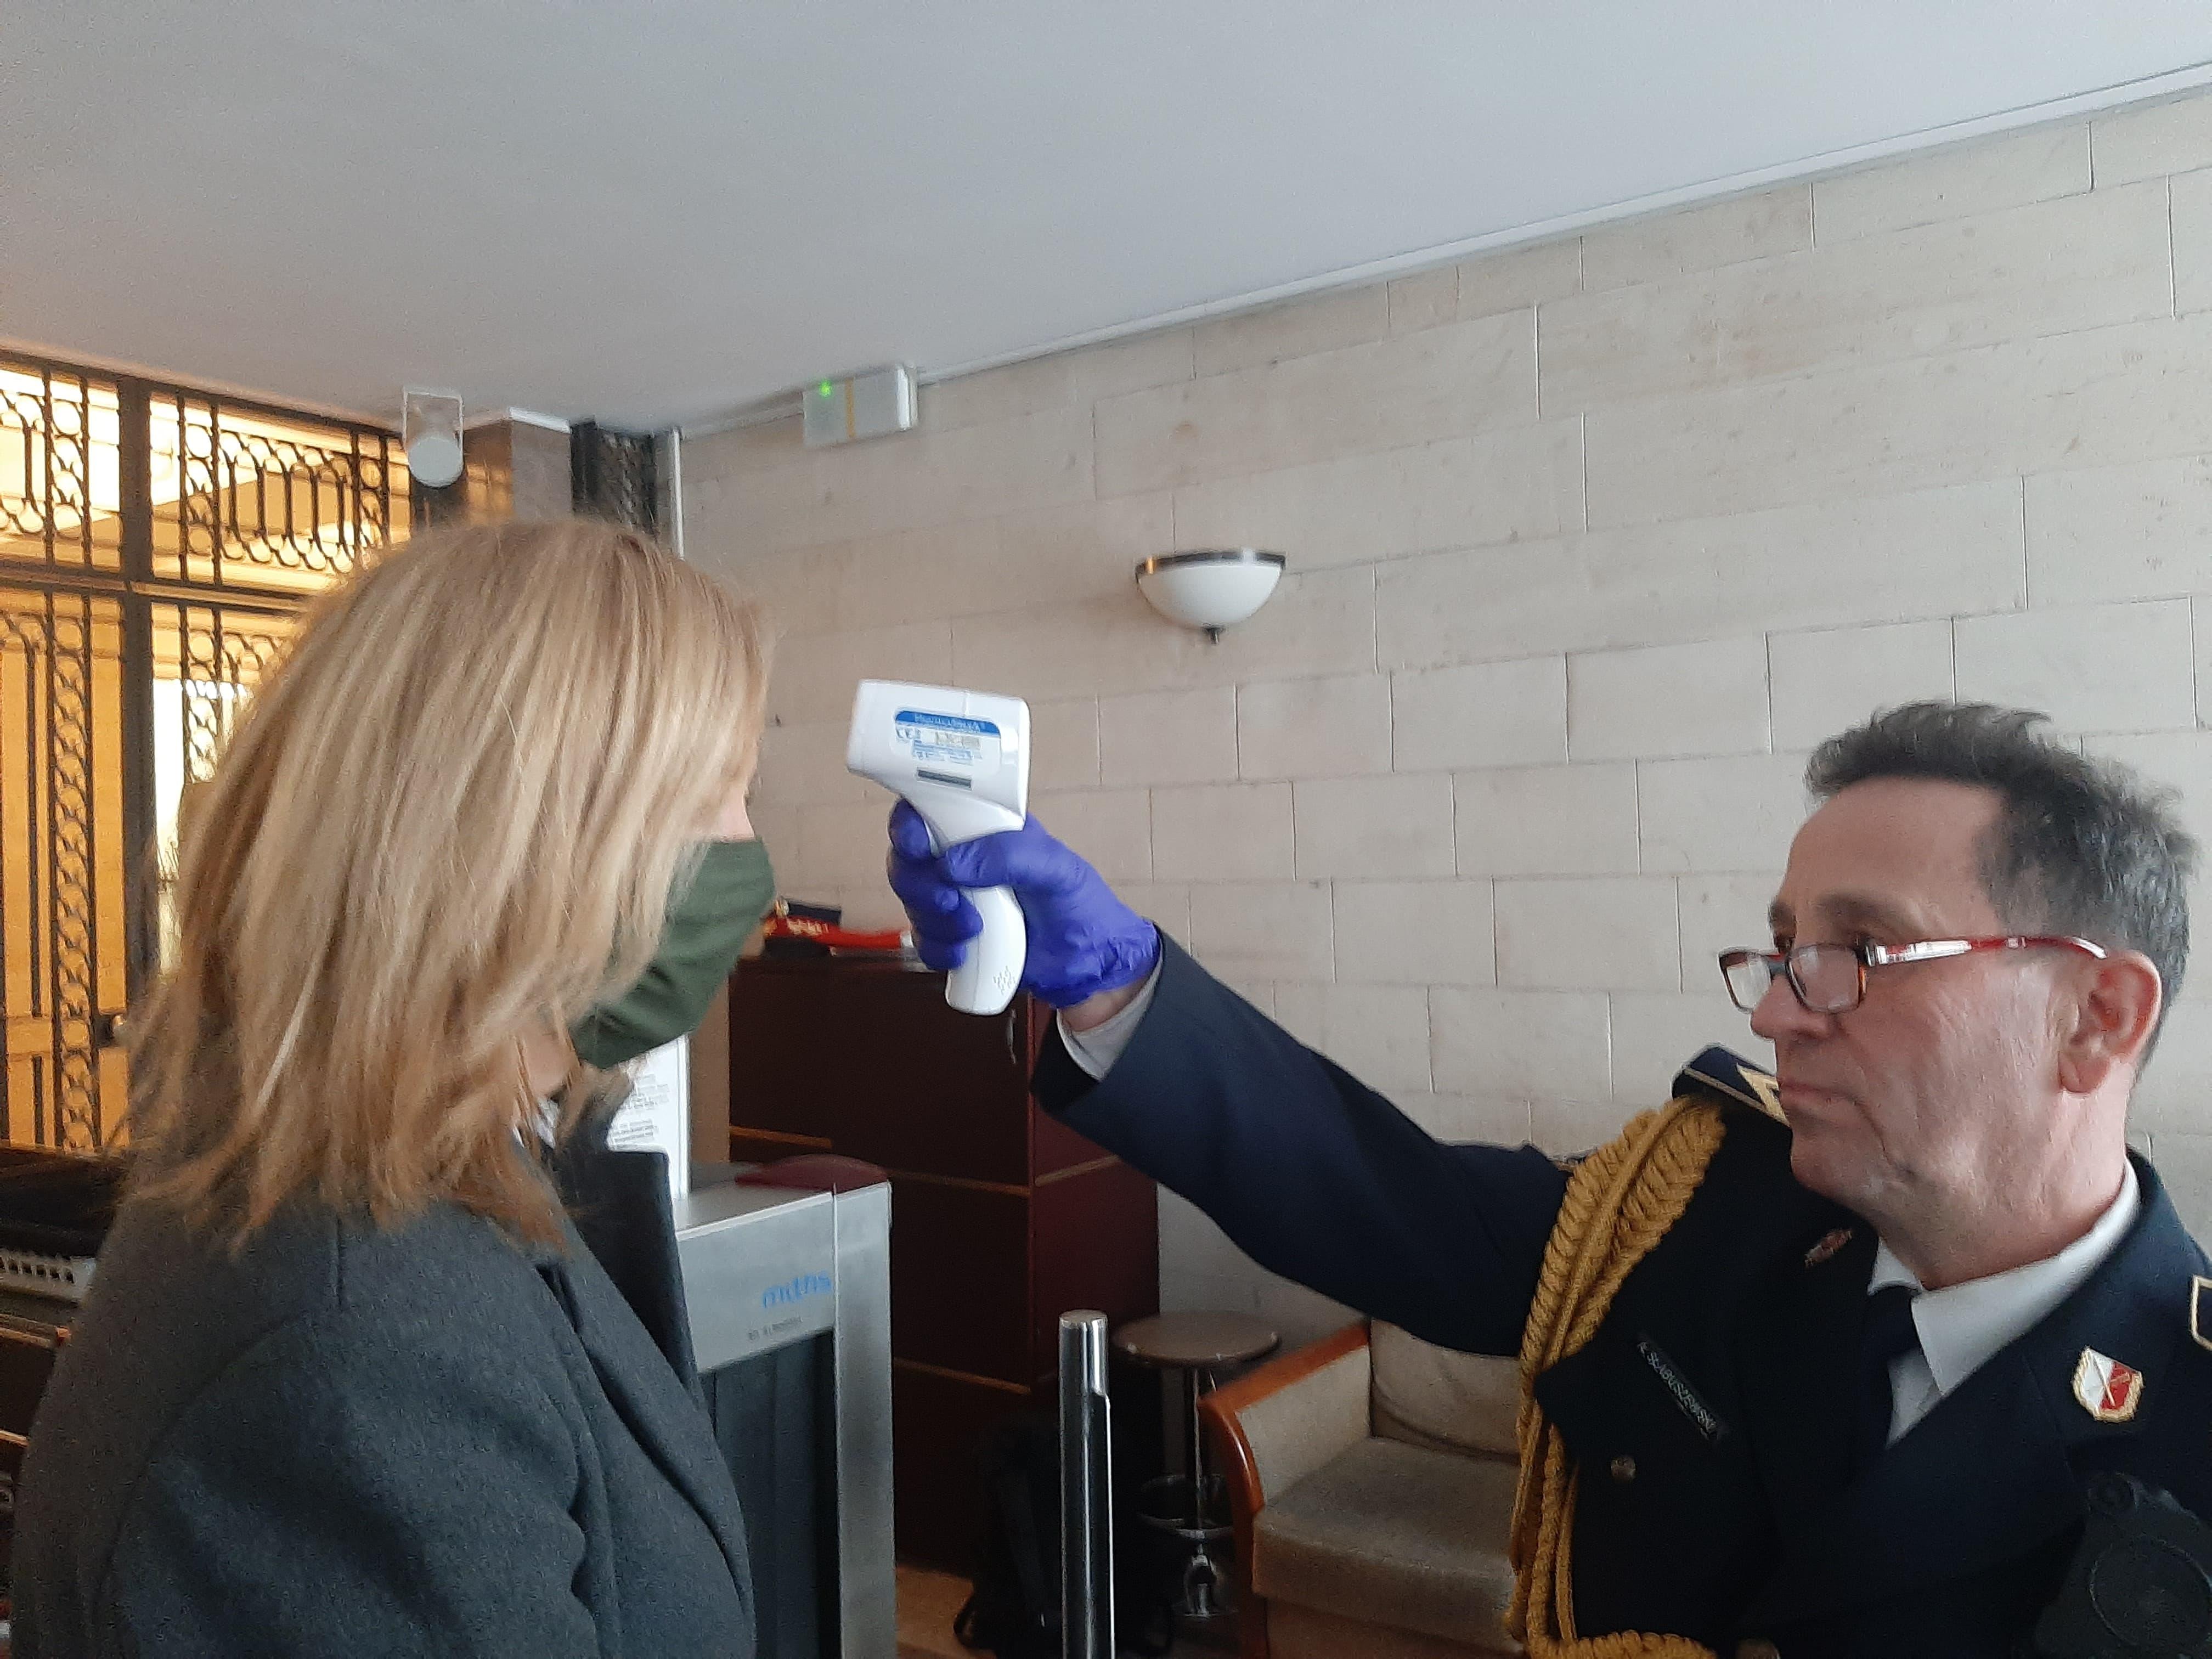 posłanka Lewicy Hanna Gill-Piątek, mierzenie temperatury przy wejściu do Sejmu, 26 marca 2020, źródło: profil Hanny Gill-Piątek na Twitterze